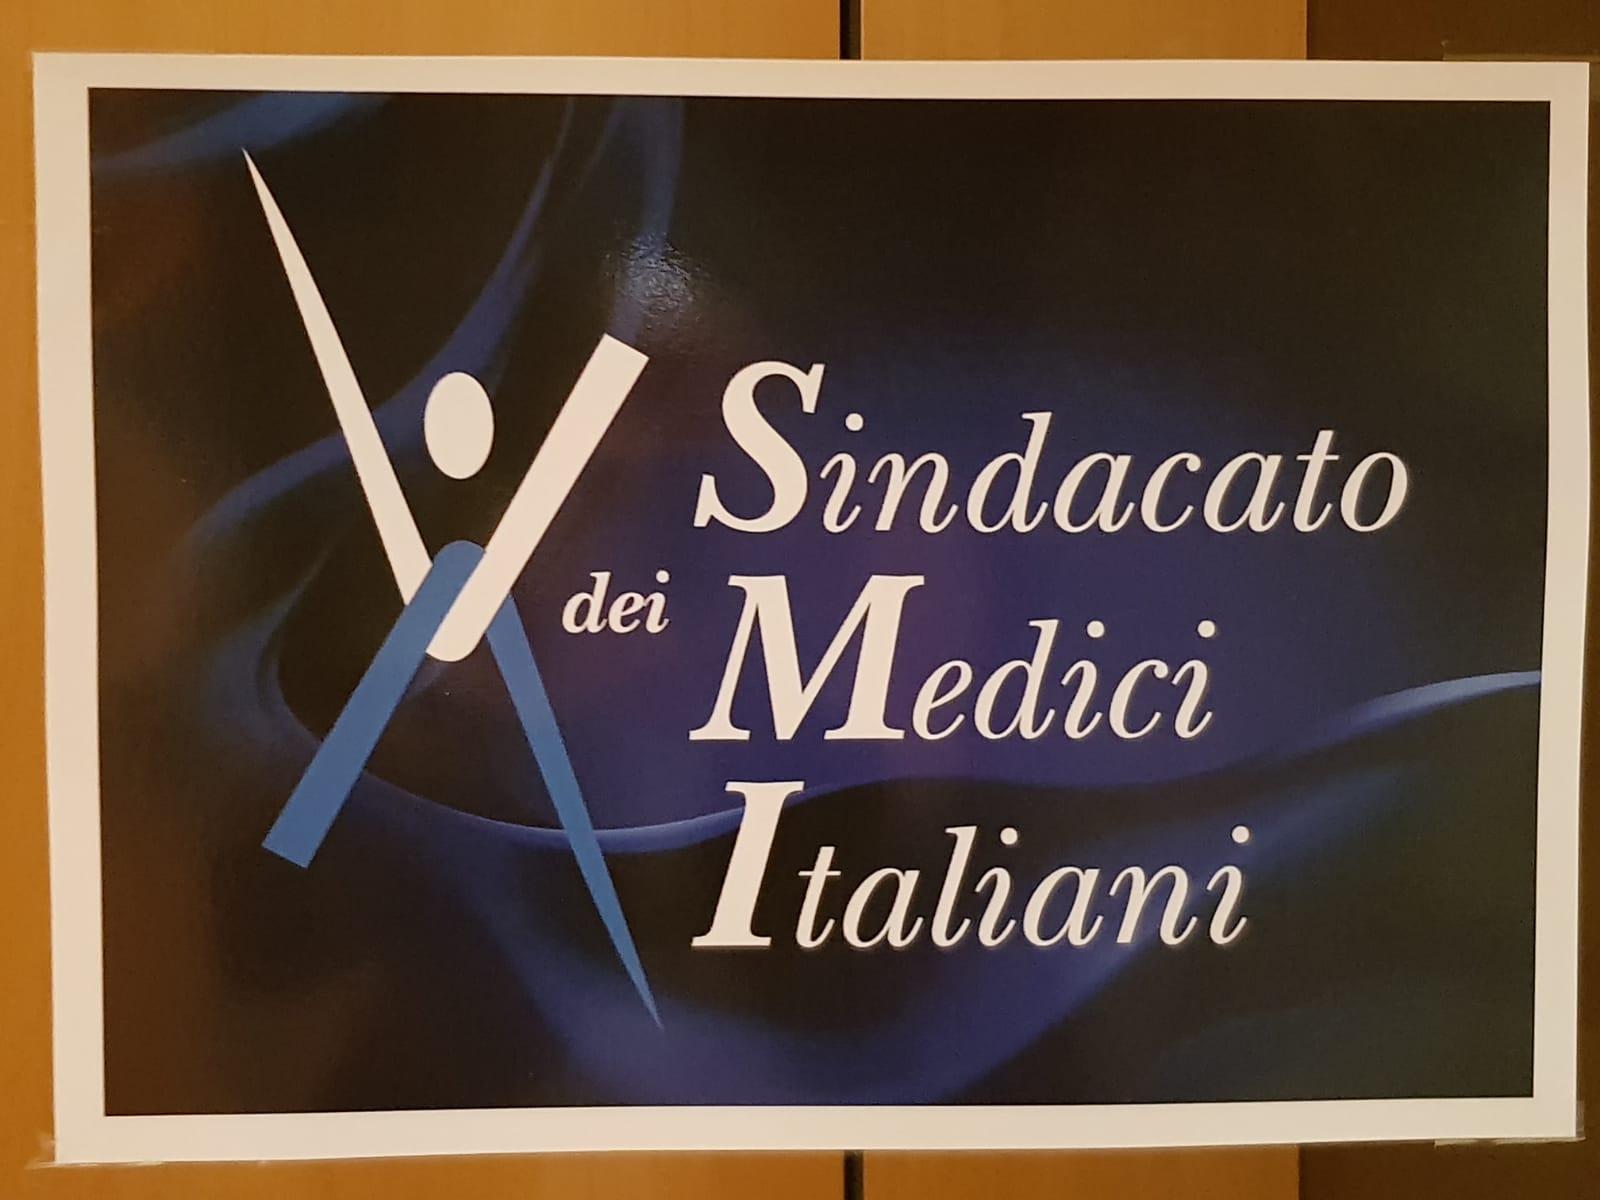 IL CONGRESSO NAZIONALE SMI (SINDACATO MEDICI ITALIANI) / IL SIRACUSANO VASILE CONFERMATO SEGRETARIO ORGANIZZATIVO IN SICILIA